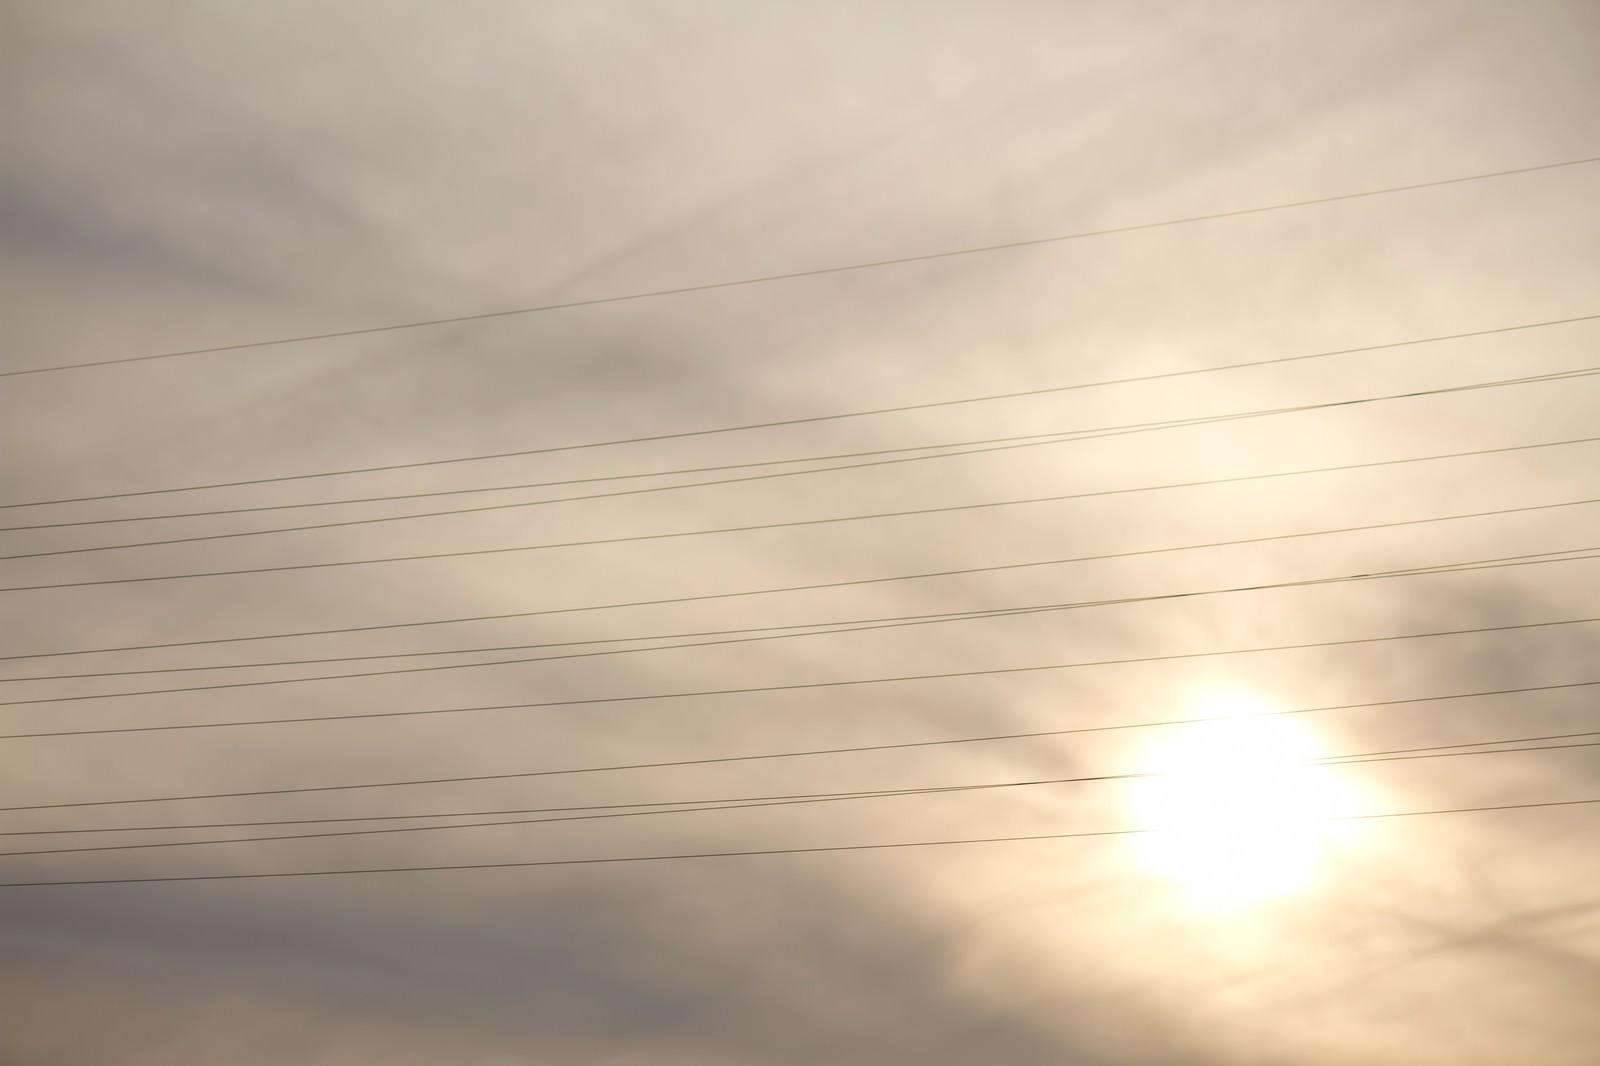 「夕暮れと電線」の写真